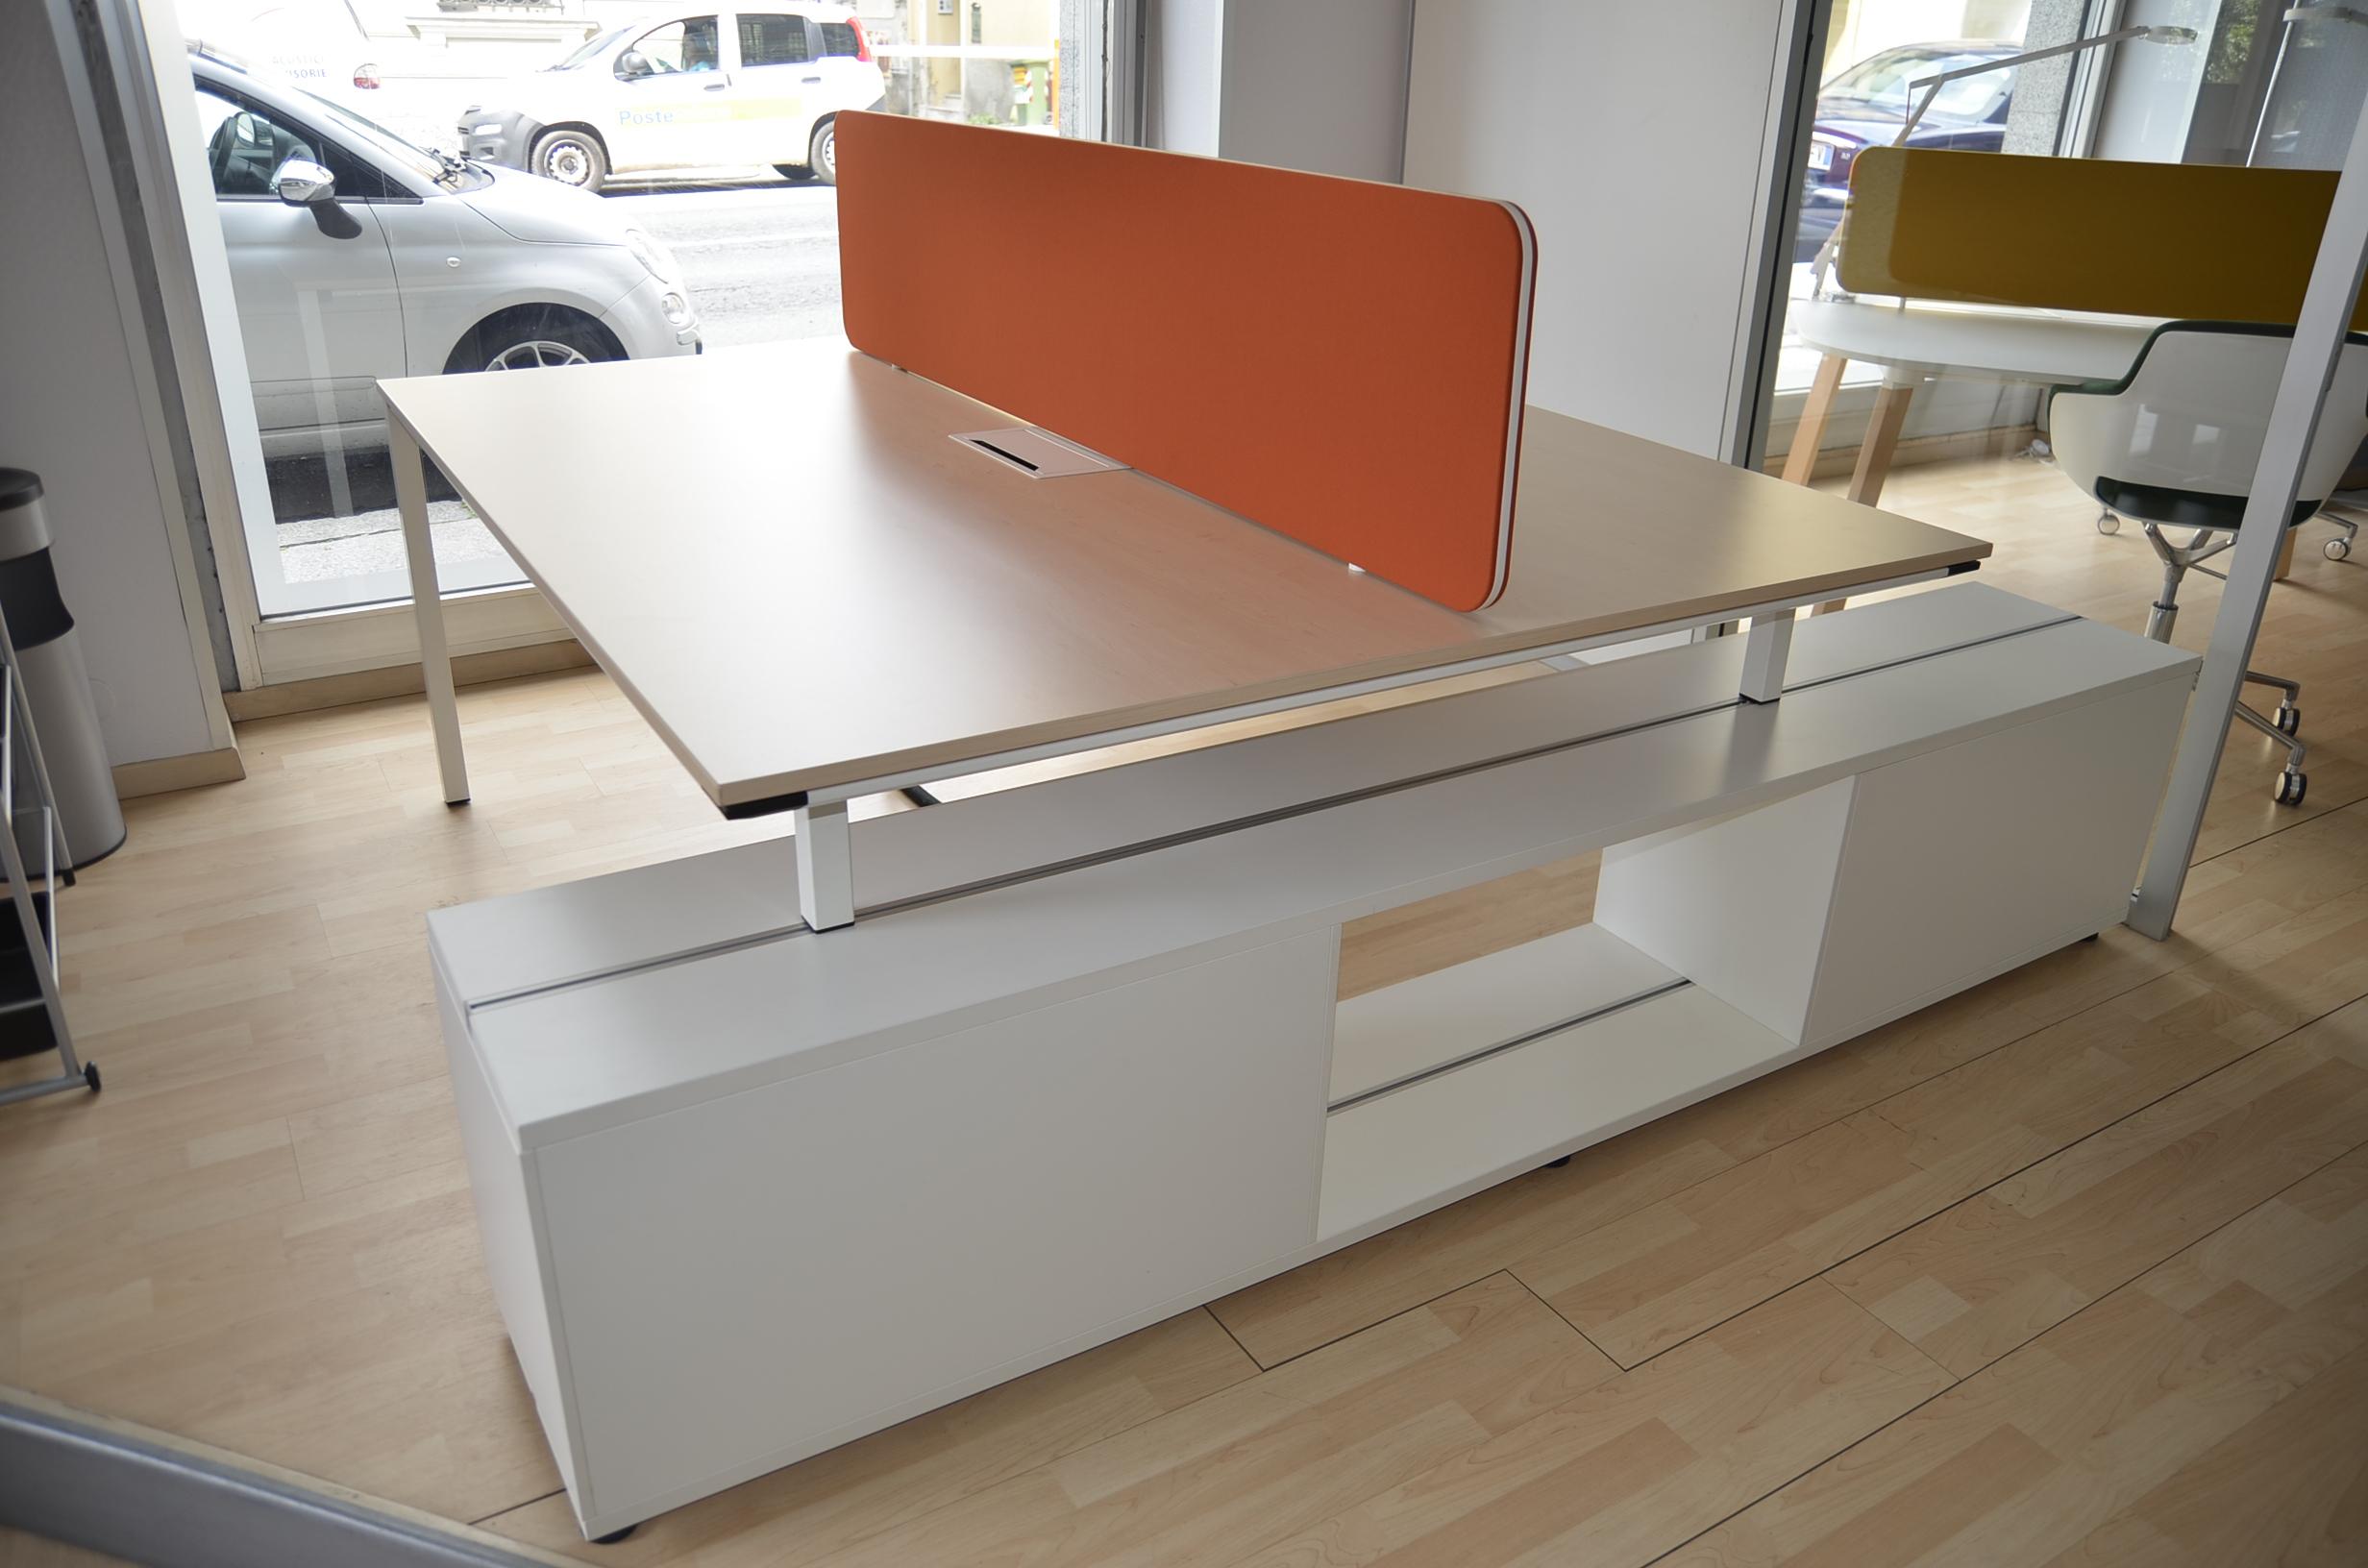 Arredamento Ufficio Biella : Progettazione e realizzazione arredamenti ufficio